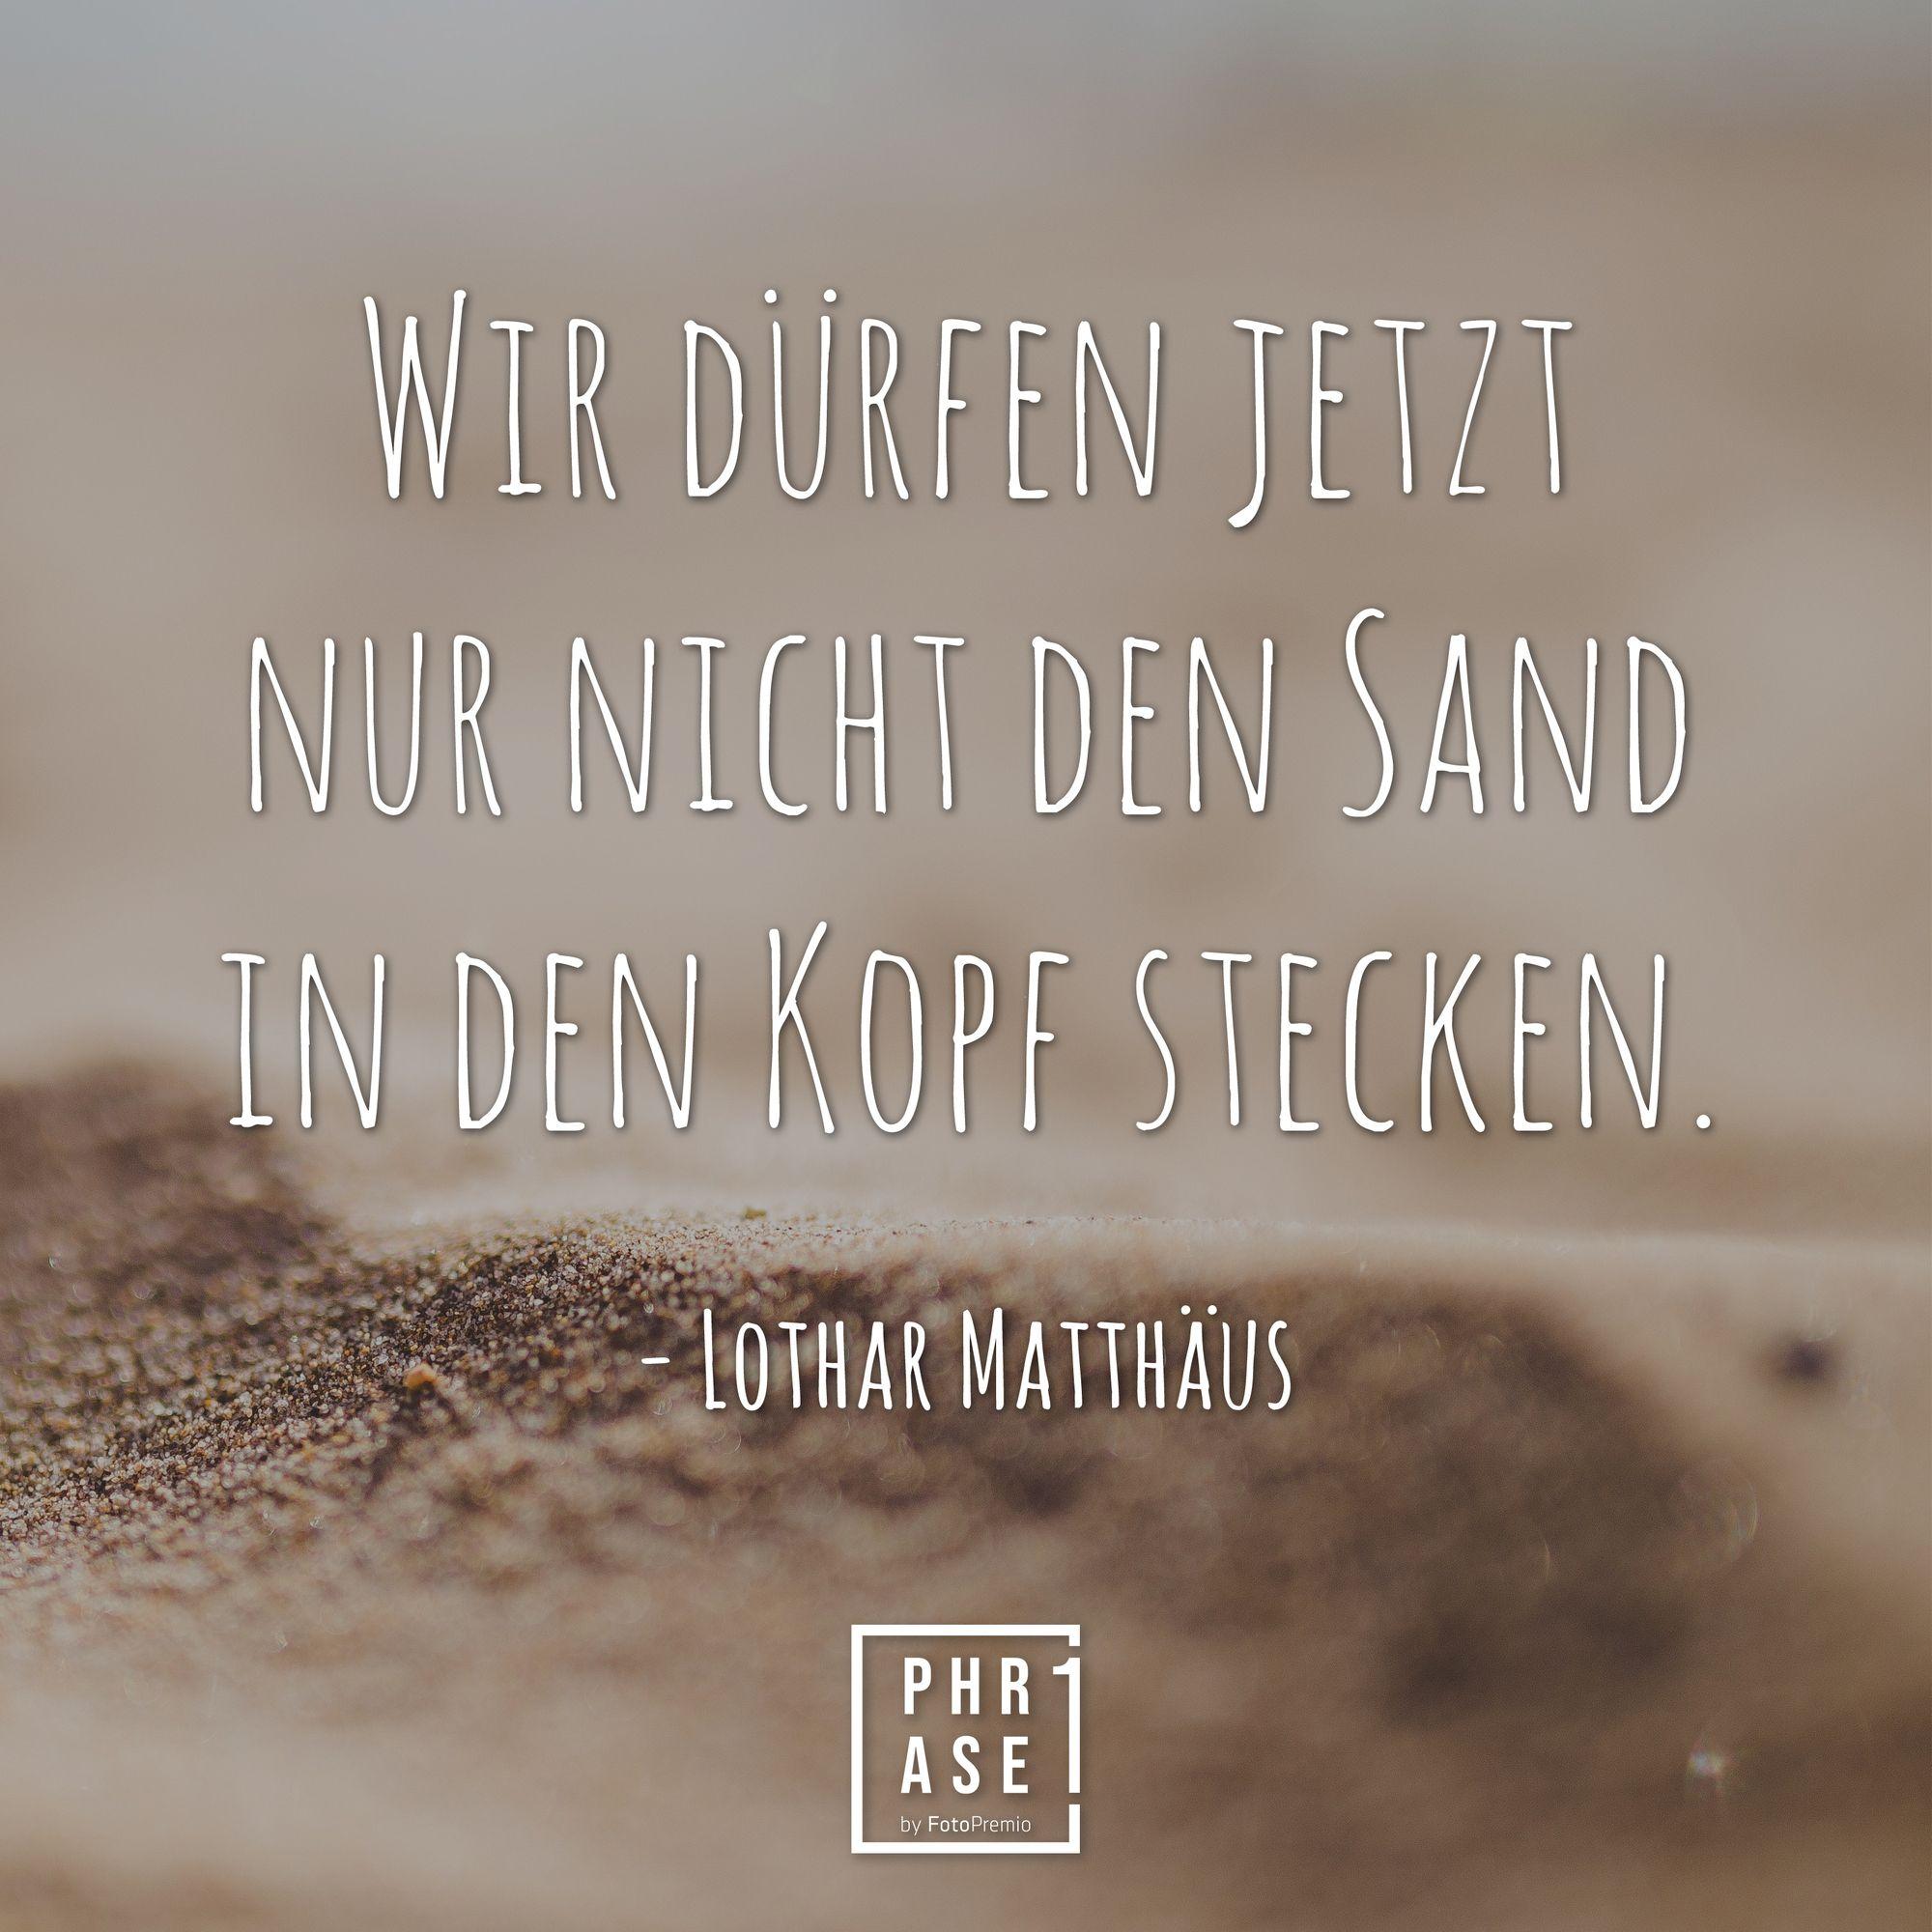 Wir Durfen Jetzt Nur Nicht Den Sand In Den Kopf Stecken Lothar Matthaus Zitate Nachdenken Beruhmte Zitate Zitat Des Tages